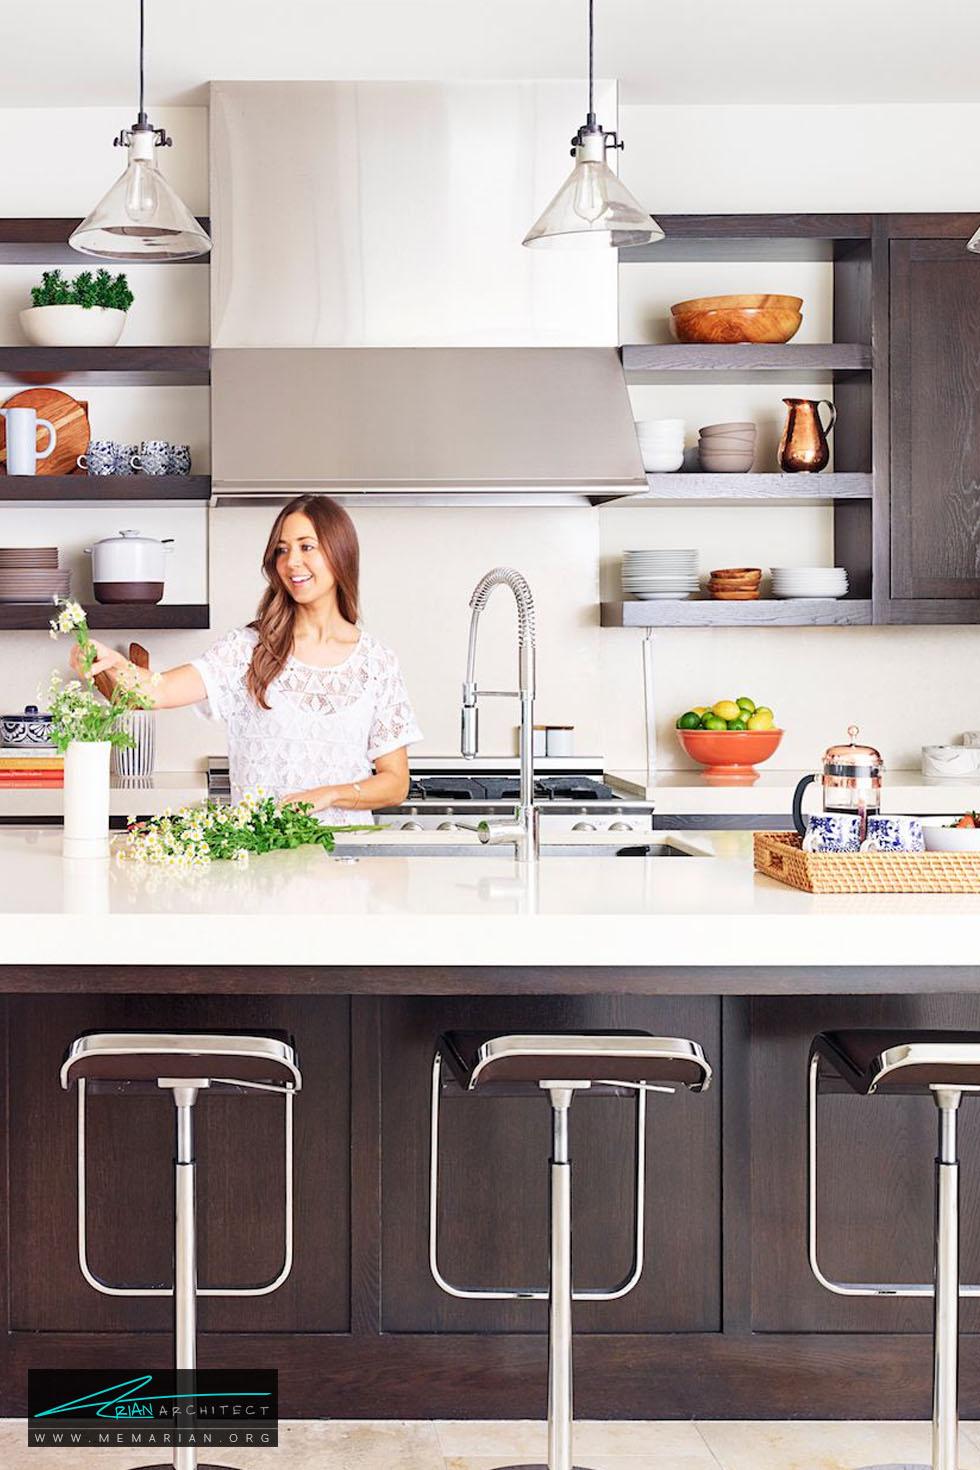 نورپردازی روشن - 20 ایده جذاب برای چیدمان دکوراسیون آشپزخانه